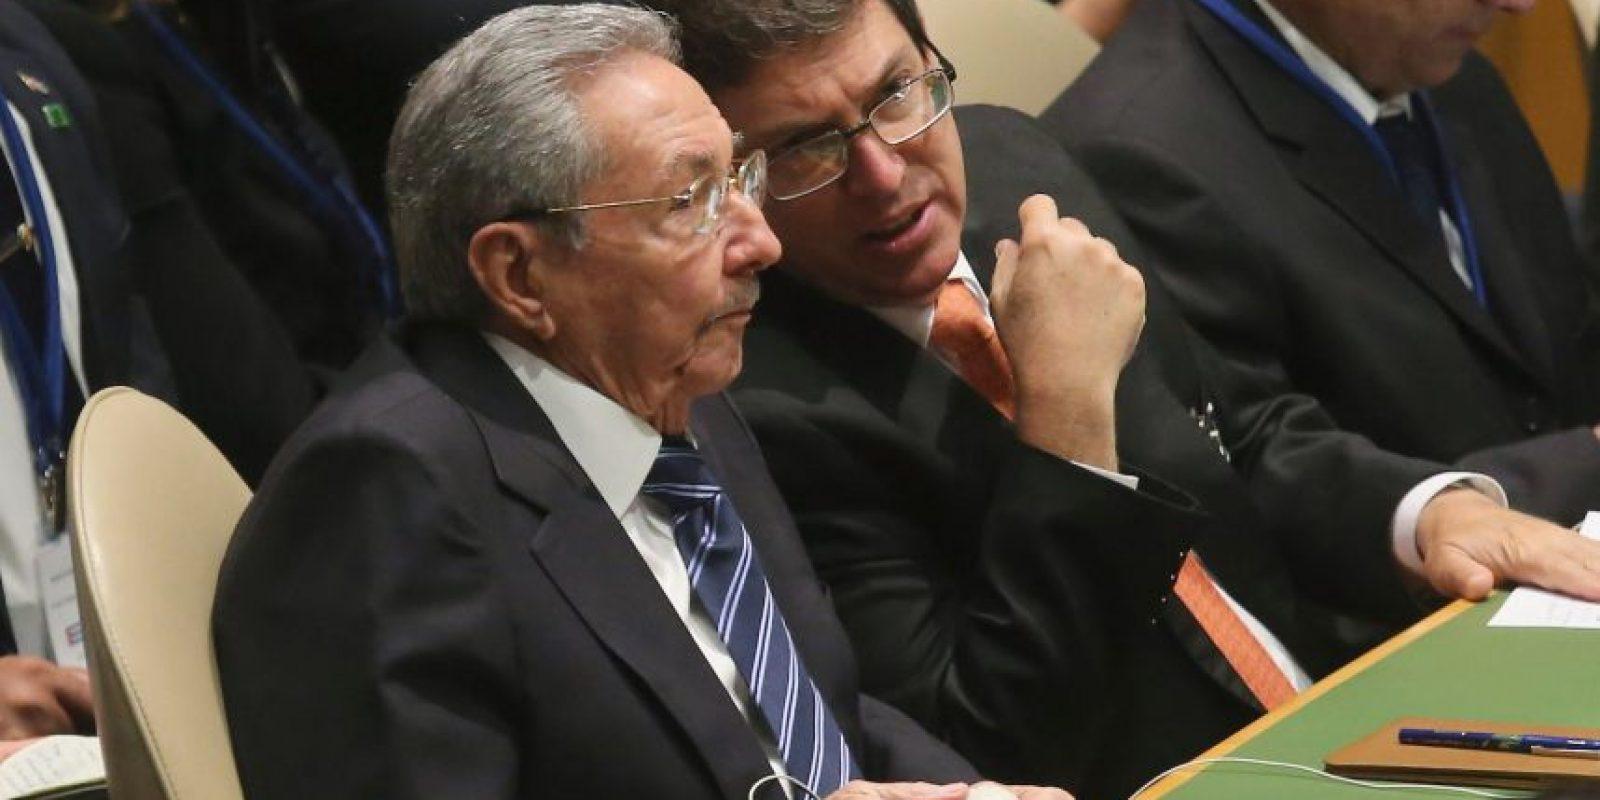 Rechazó la imposición de sanciones unilaterales contra Rusia. Foto:Getty Images